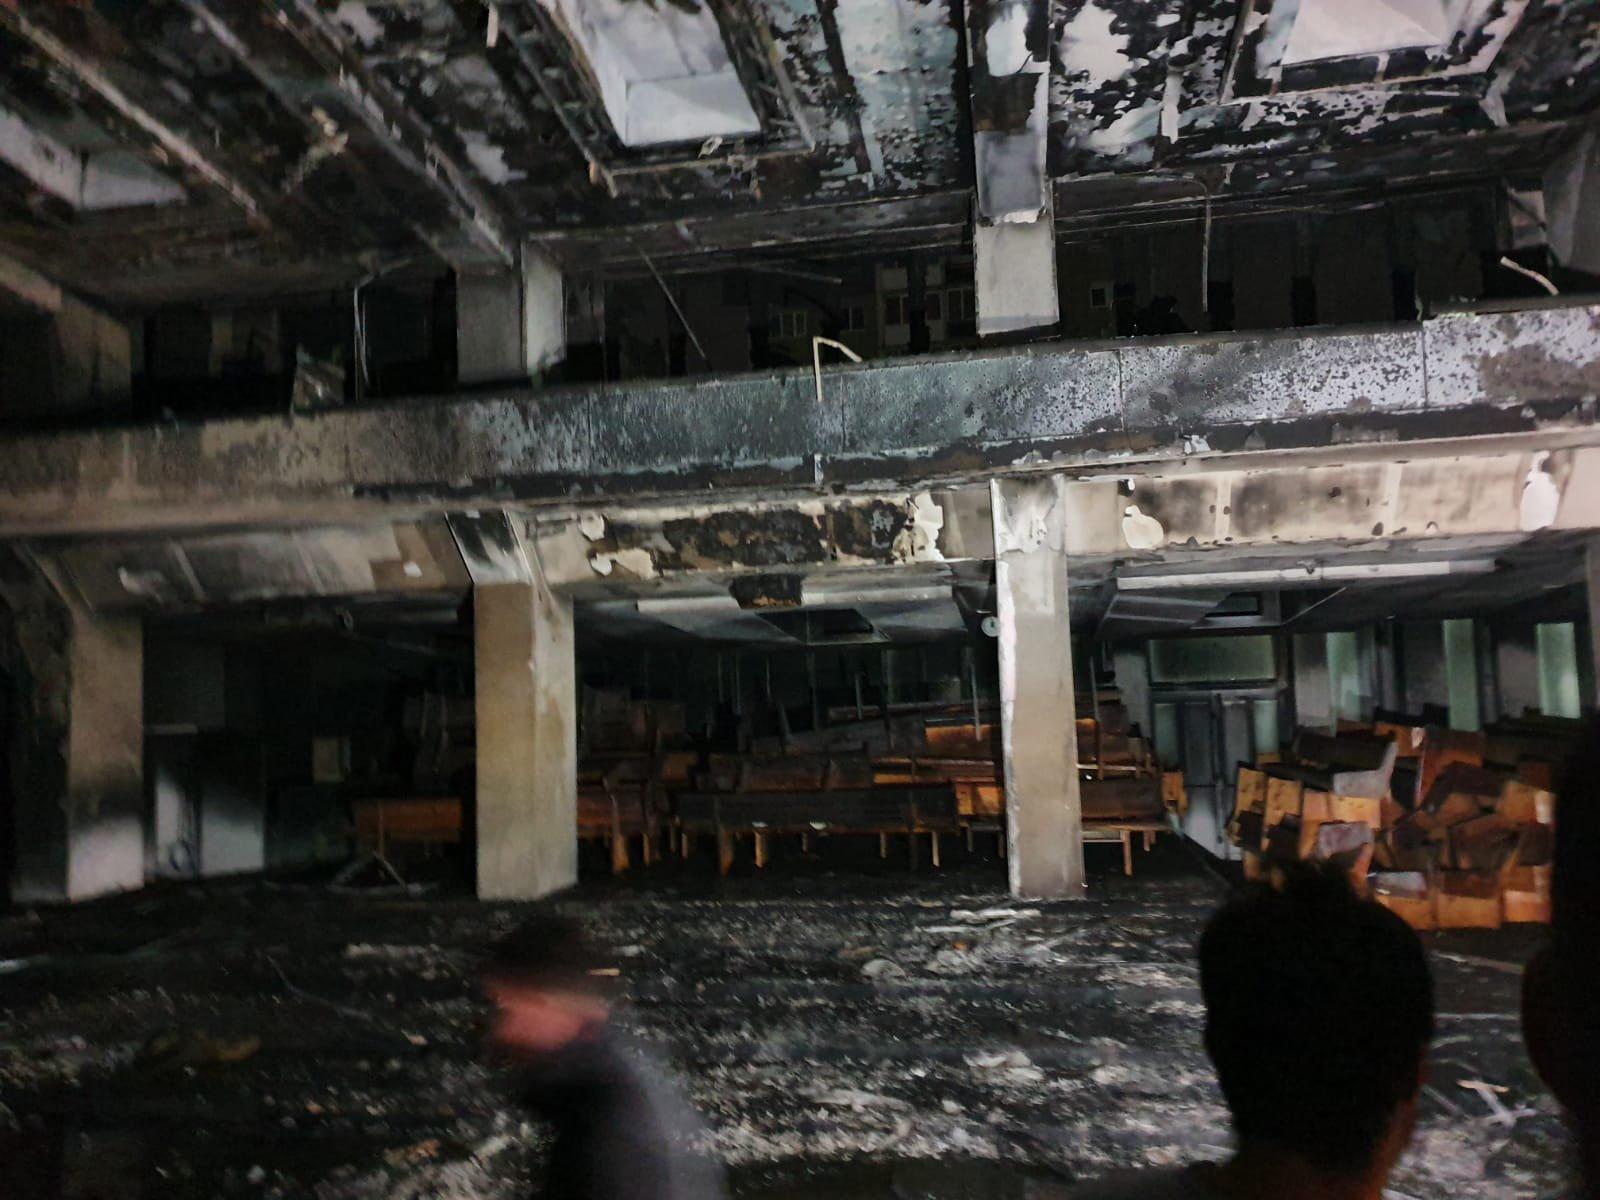 COMUNICAT DE PRESĂ: Detașamentul de Pompieri Arad despre incendiu din Biserica Betel